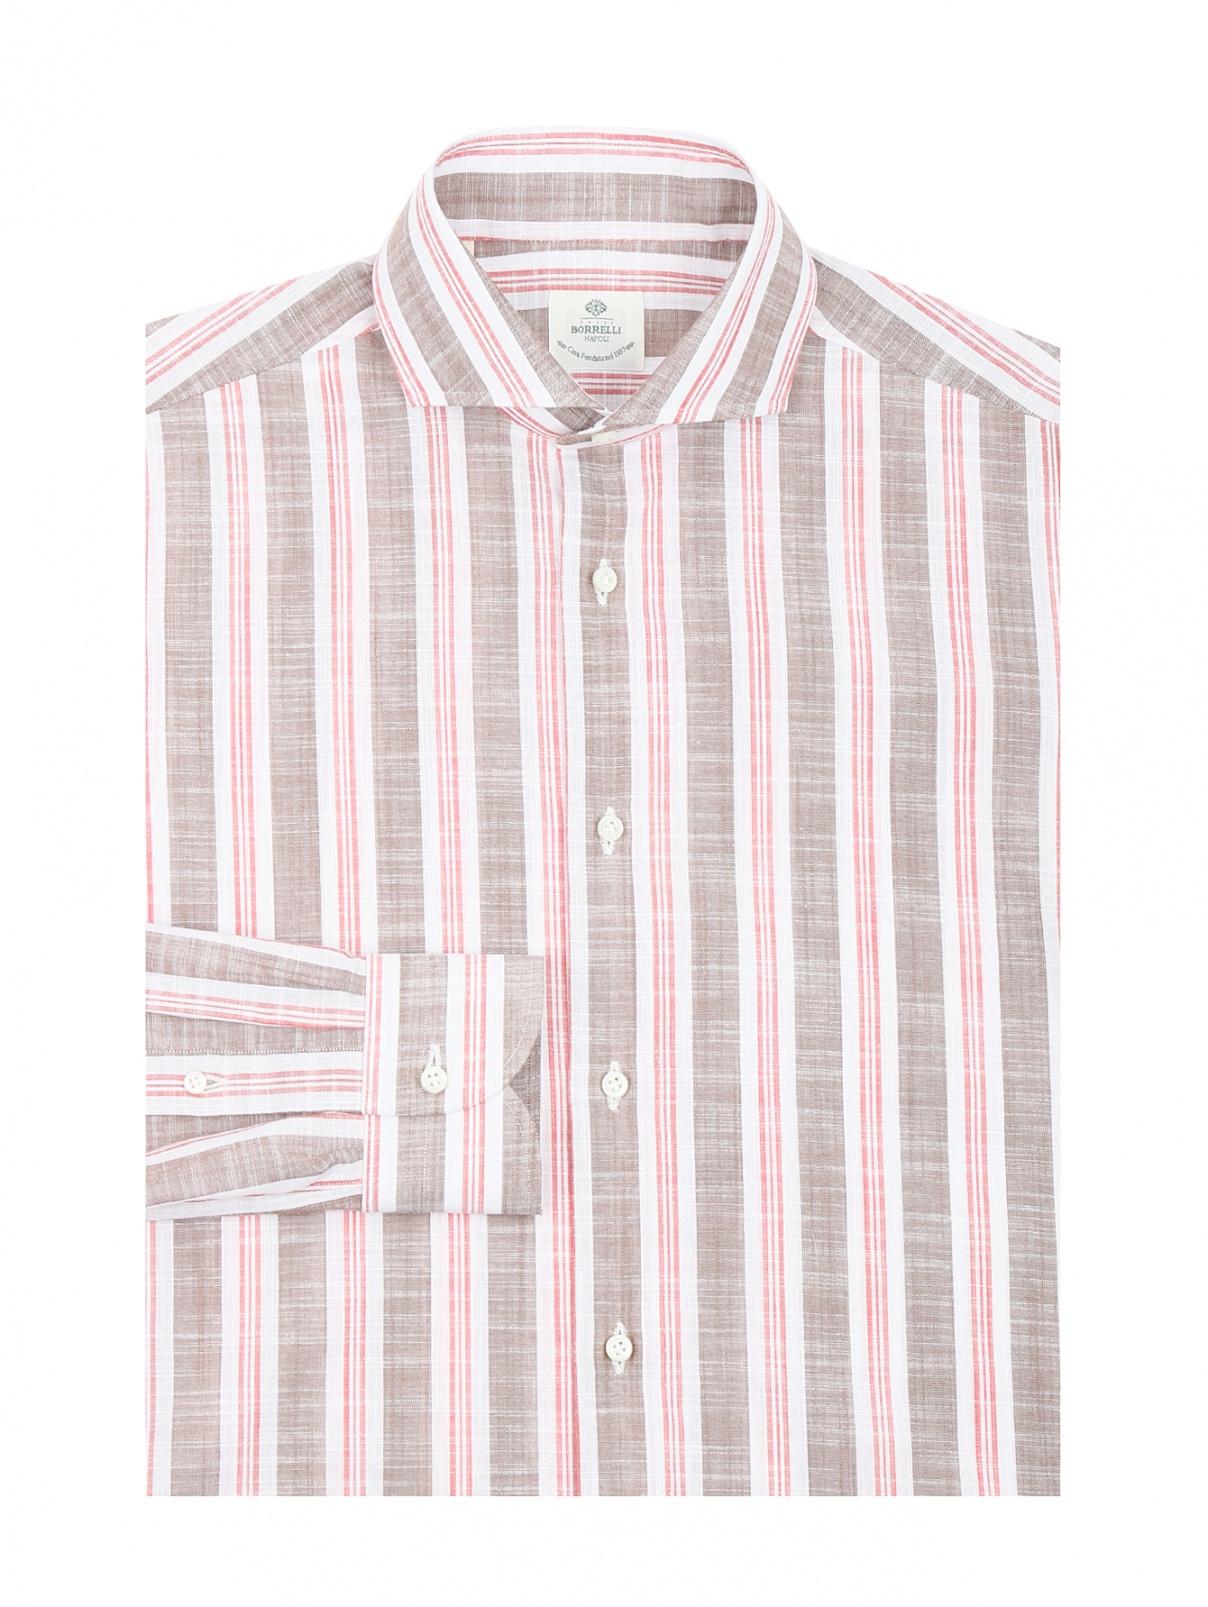 Рубашка из хлопка с узором полоска Borrelli  –  Общий вид  – Цвет:  Коричневый